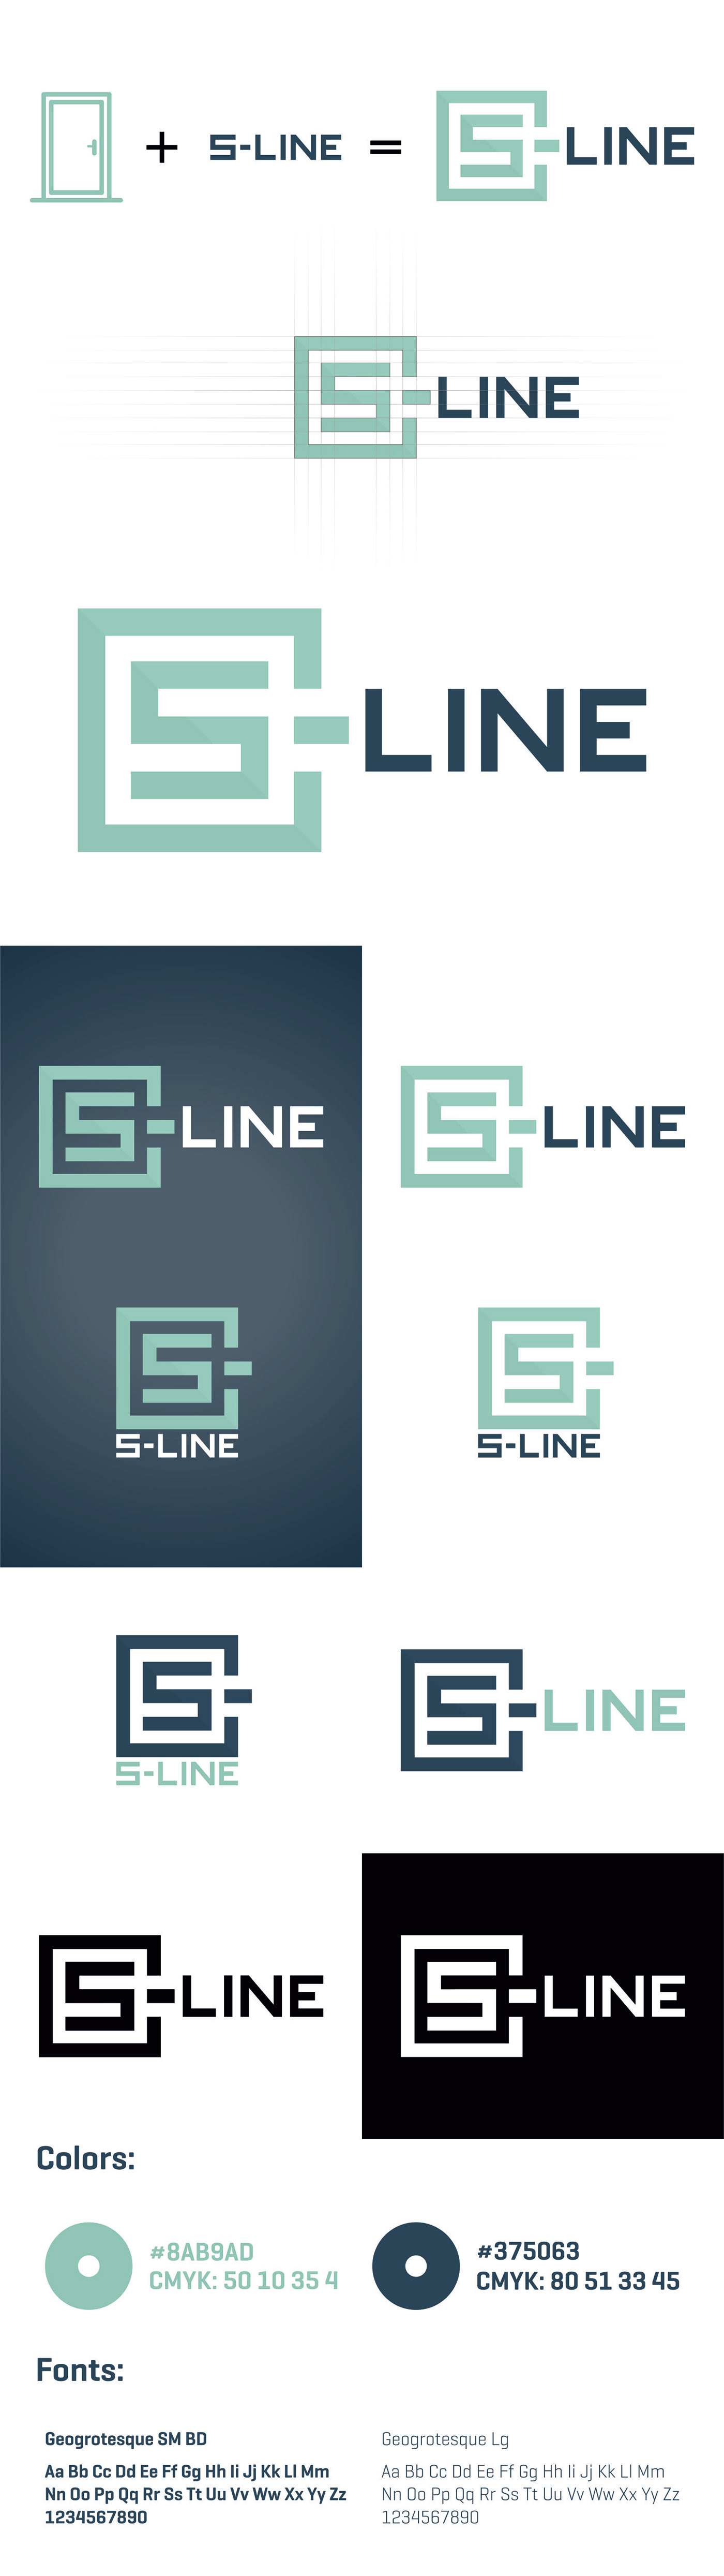 branding  identity logo vector corporate branding graphic design  Doors